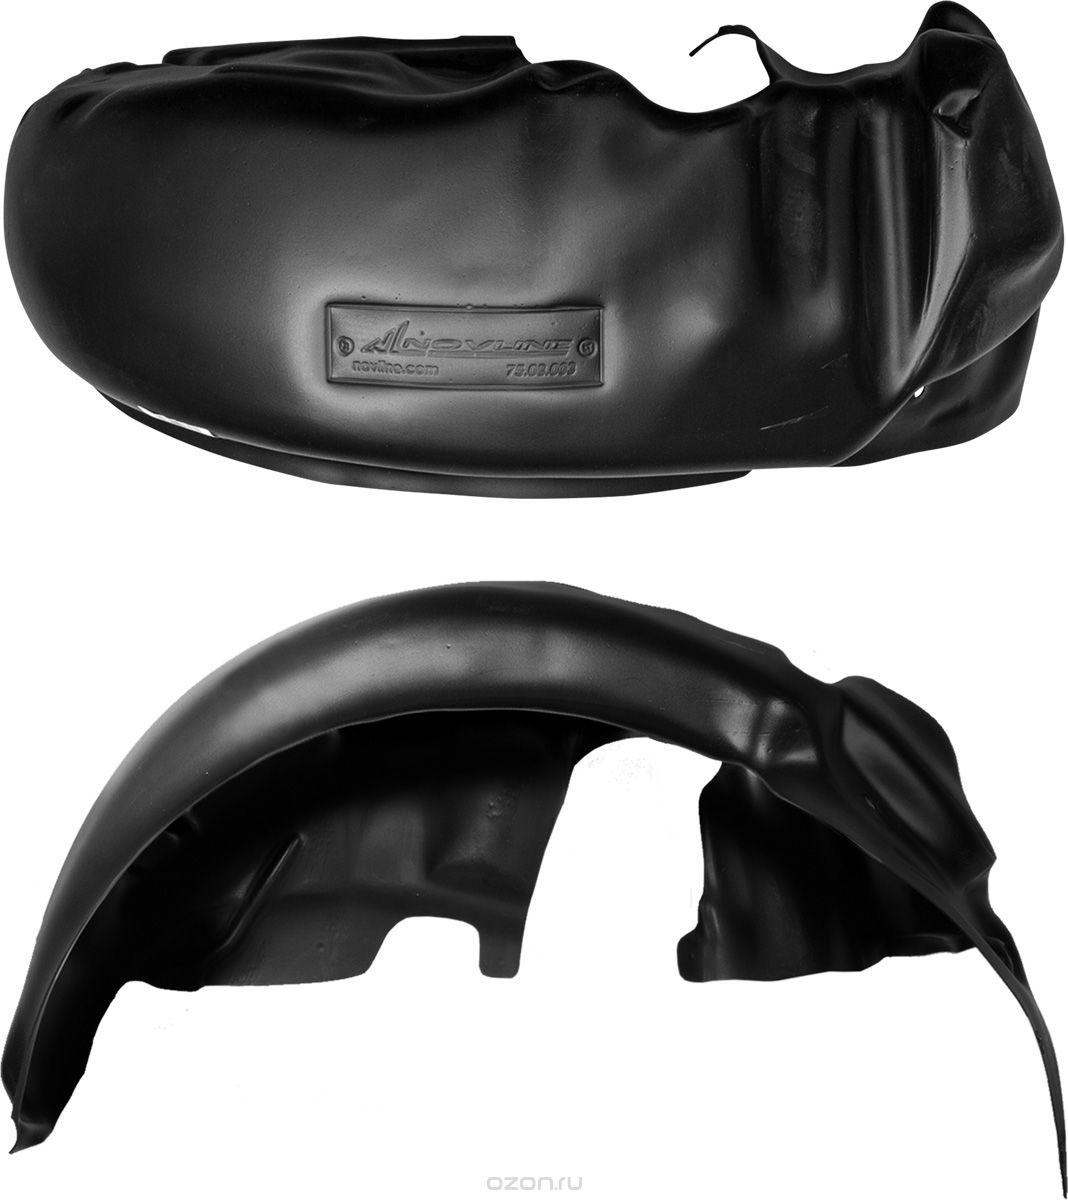 Подкрылок Novline-Autofamily, для CHERY Amulet 10/2003-2009, задний левый44005002Идеальная защита колесной ниши. Локеры разработаны с применением цифровых технологий, гарантируют максимальную повторяемость поверхности арки. Изделия устанавливаются без нарушения лакокрасочного покрытия автомобиля, каждый подкрылок комплектуется крепежом. Уважаемые клиенты, обращаем ваше внимание, что фотографии на подкрылки универсальные и не отражают реальную форму изделия. При этом само изделие идет точно под размер указанного автомобиля.